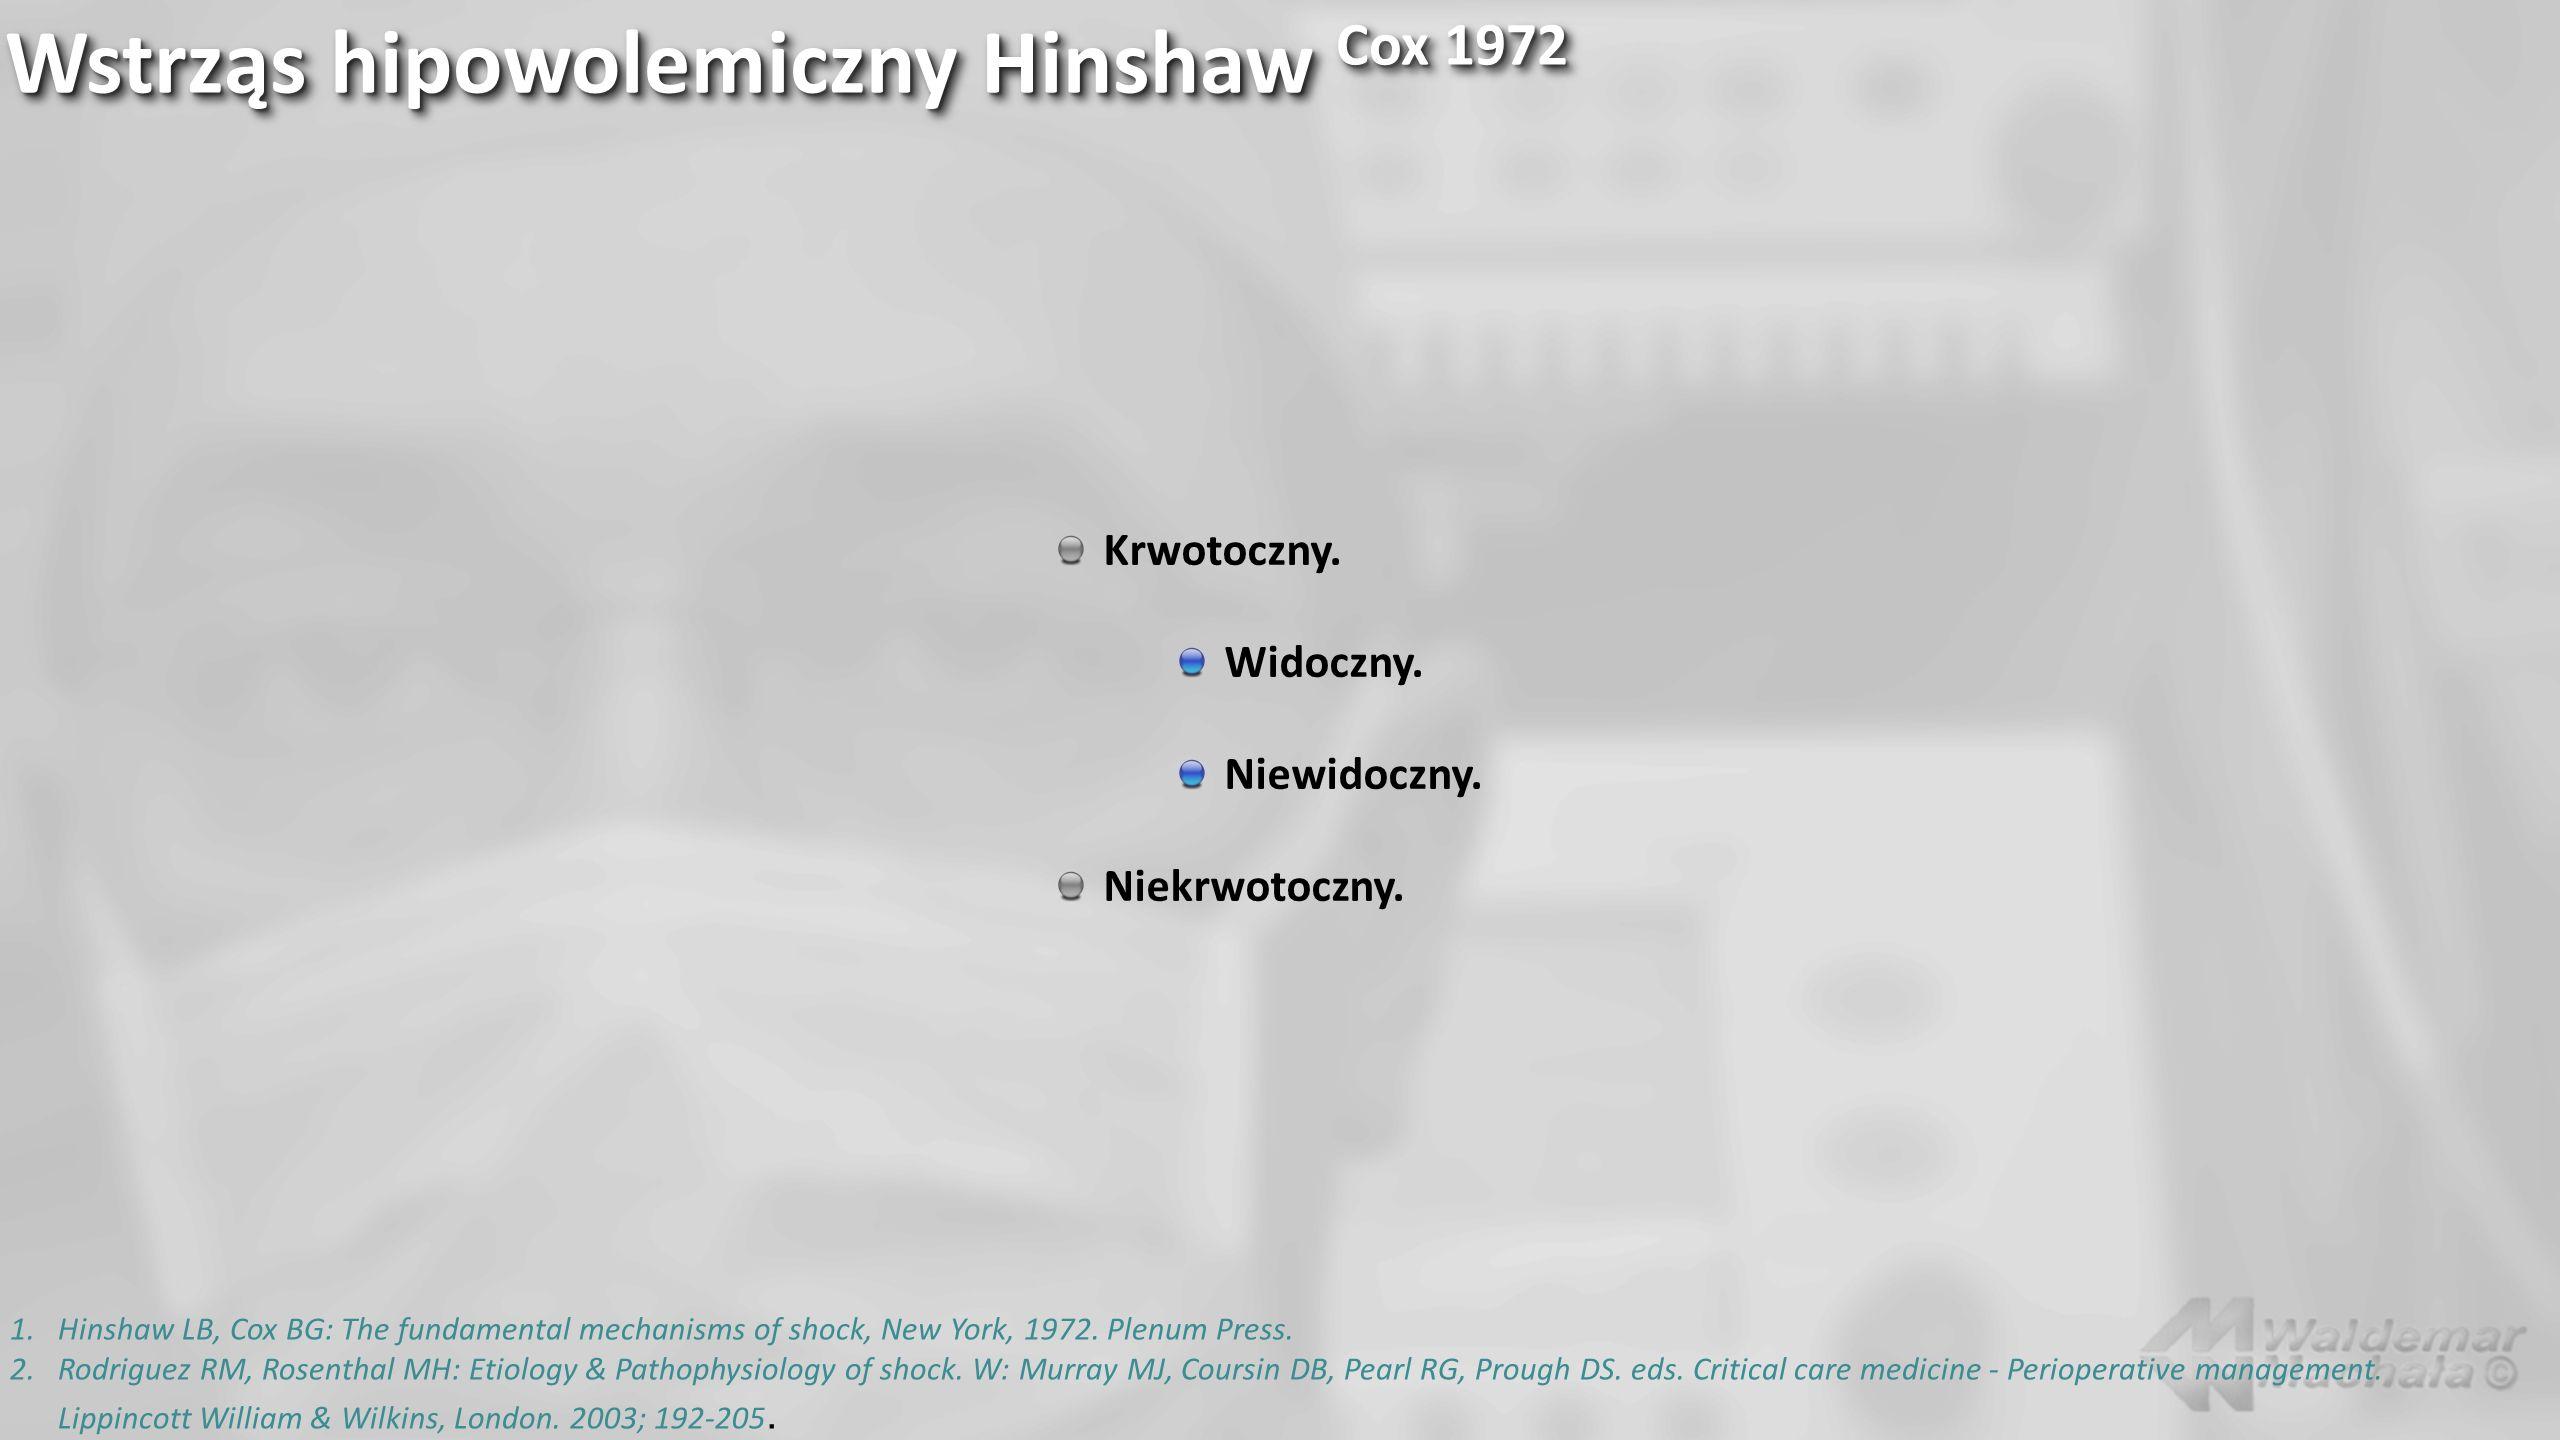 Wstrząs hipowolemiczny Hinshaw Cox 1972 Krwotoczny. Widoczny. Niewidoczny. Niekrwotoczny. 1.Hinshaw LB, Cox BG: The fundamental mechanisms of shock, N